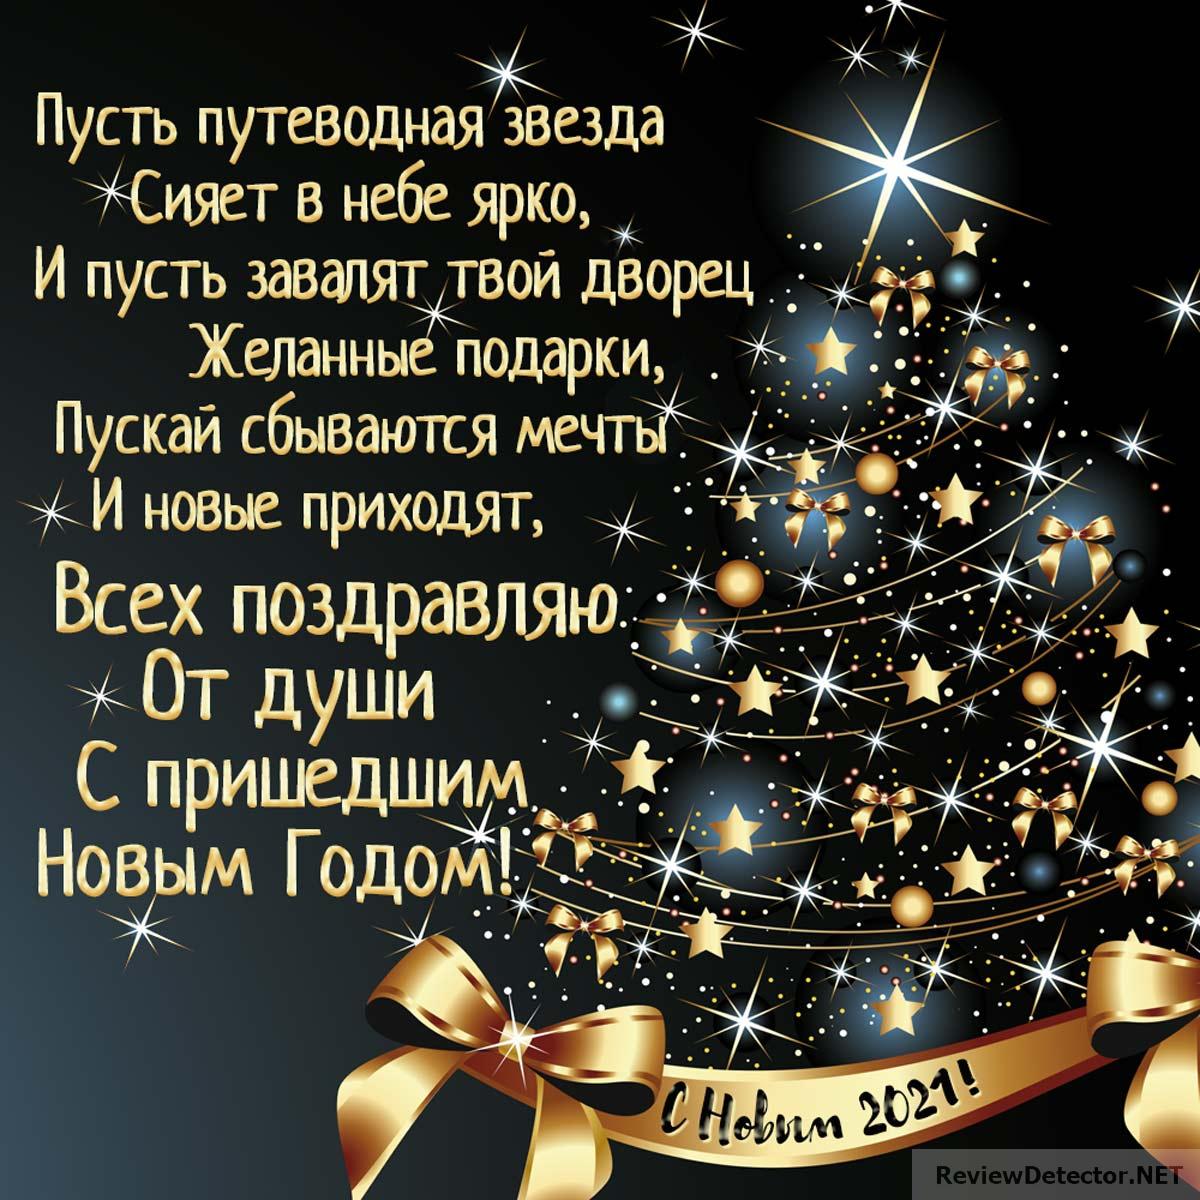 noviy-god-1703.jpg